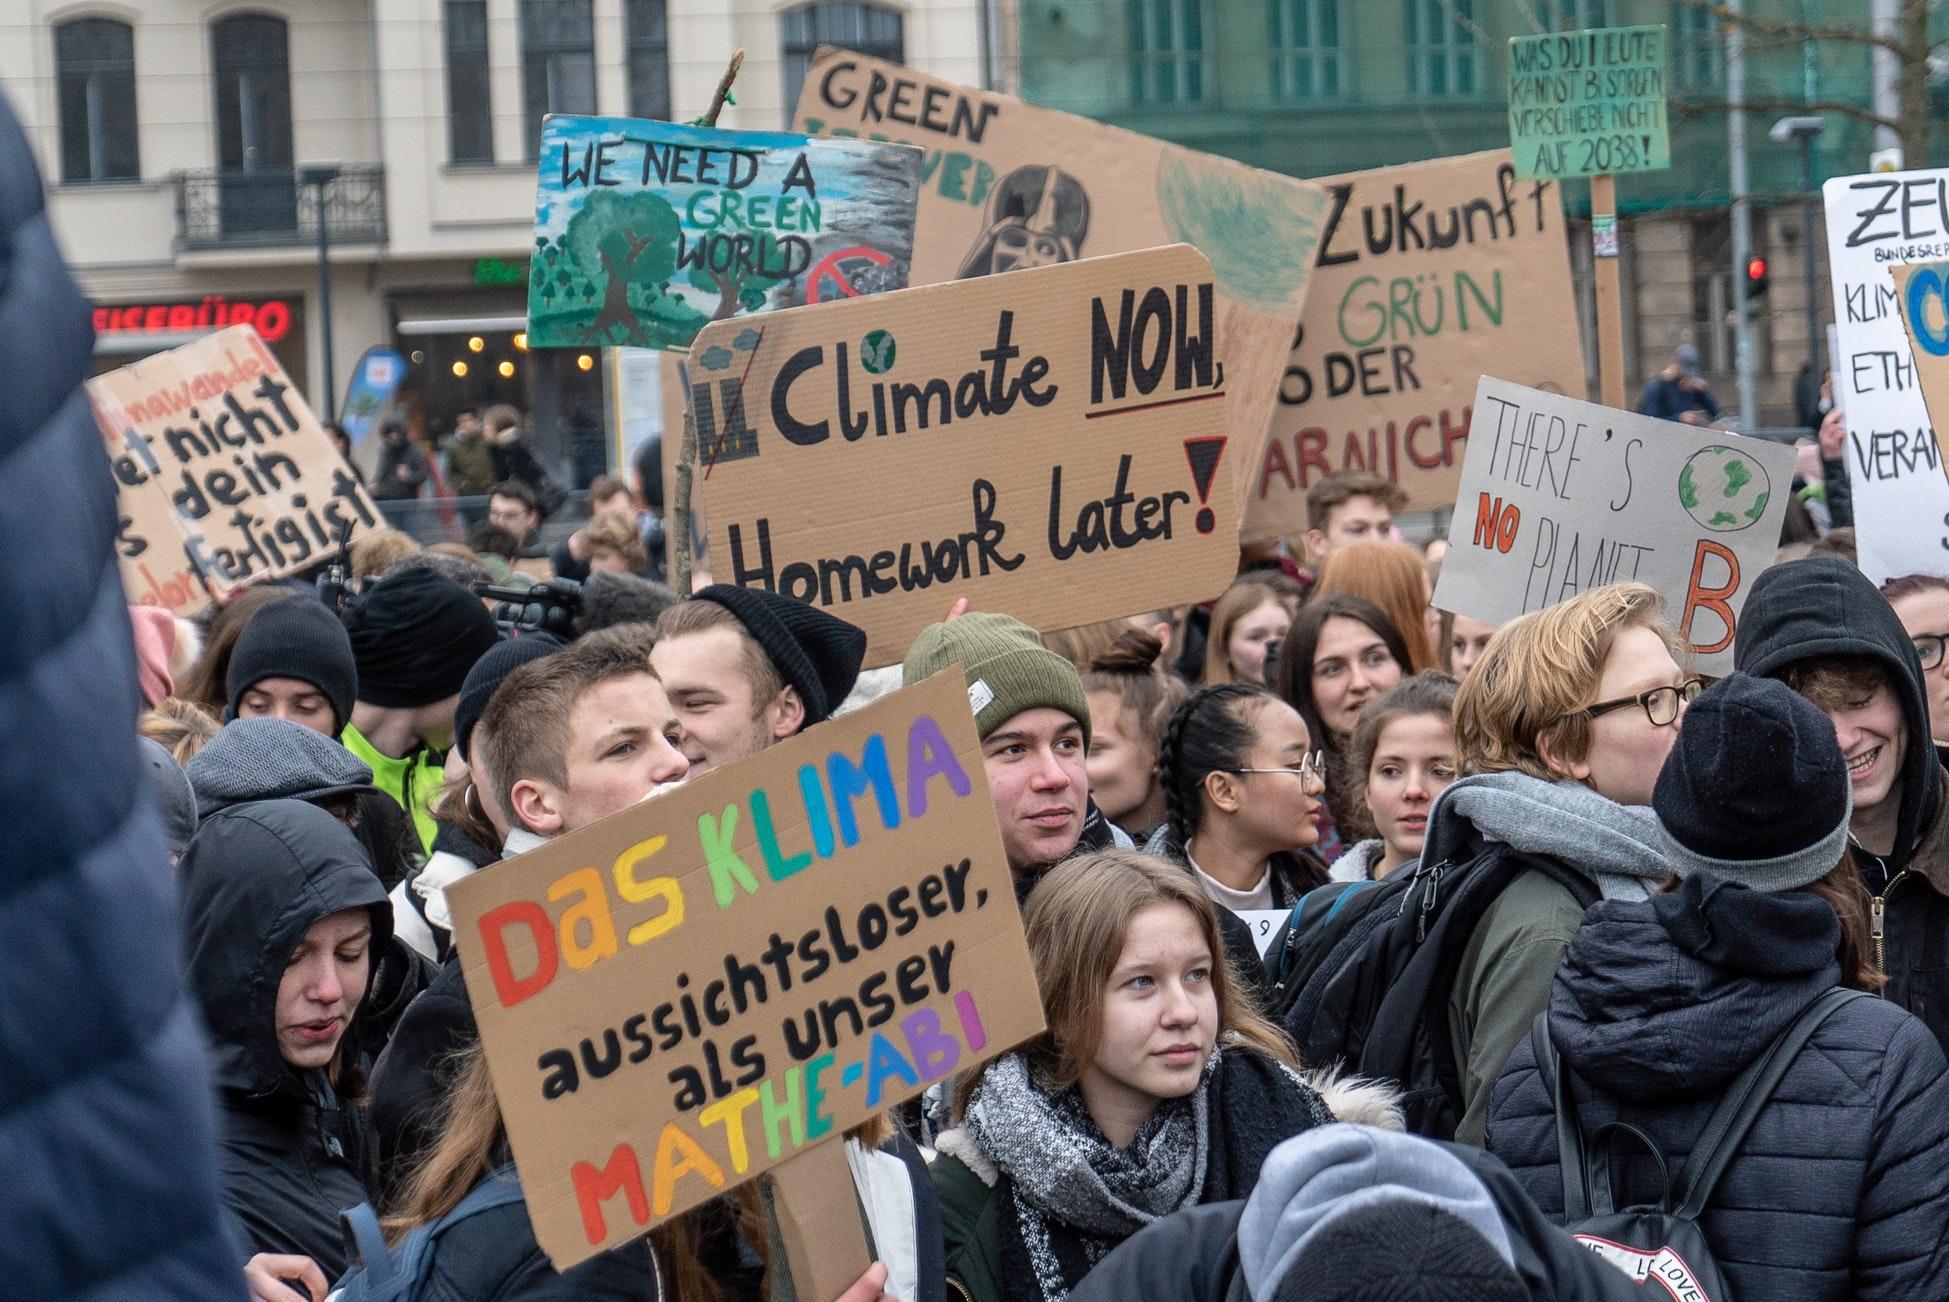 Stoppt die Diffamierung der Klimastreik-Bewegung!